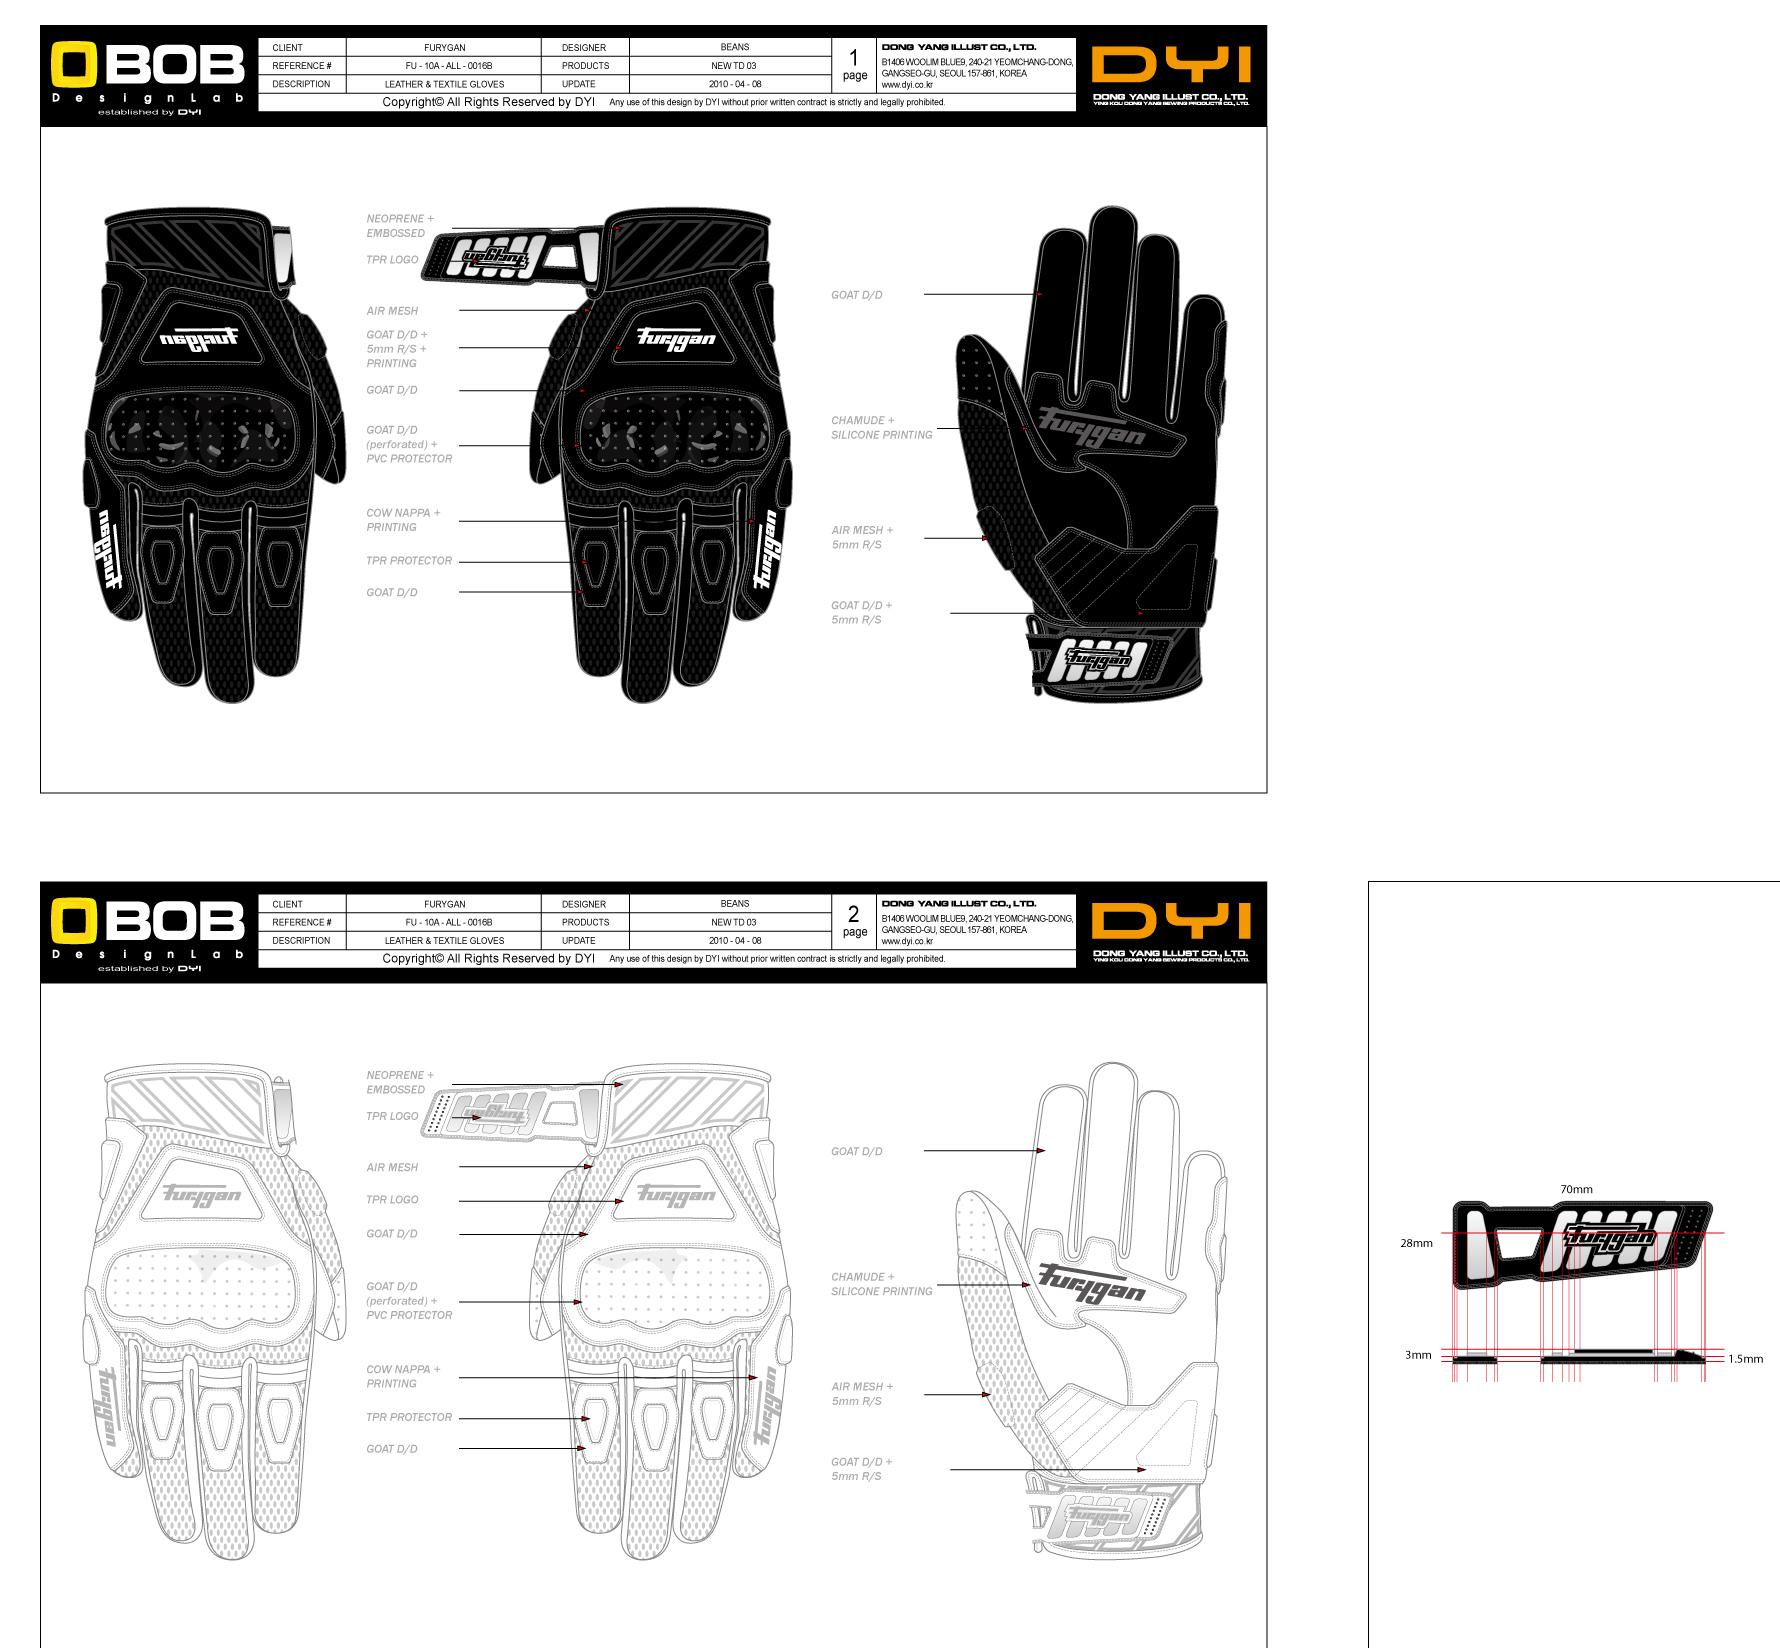 短款摩托车手套设计图